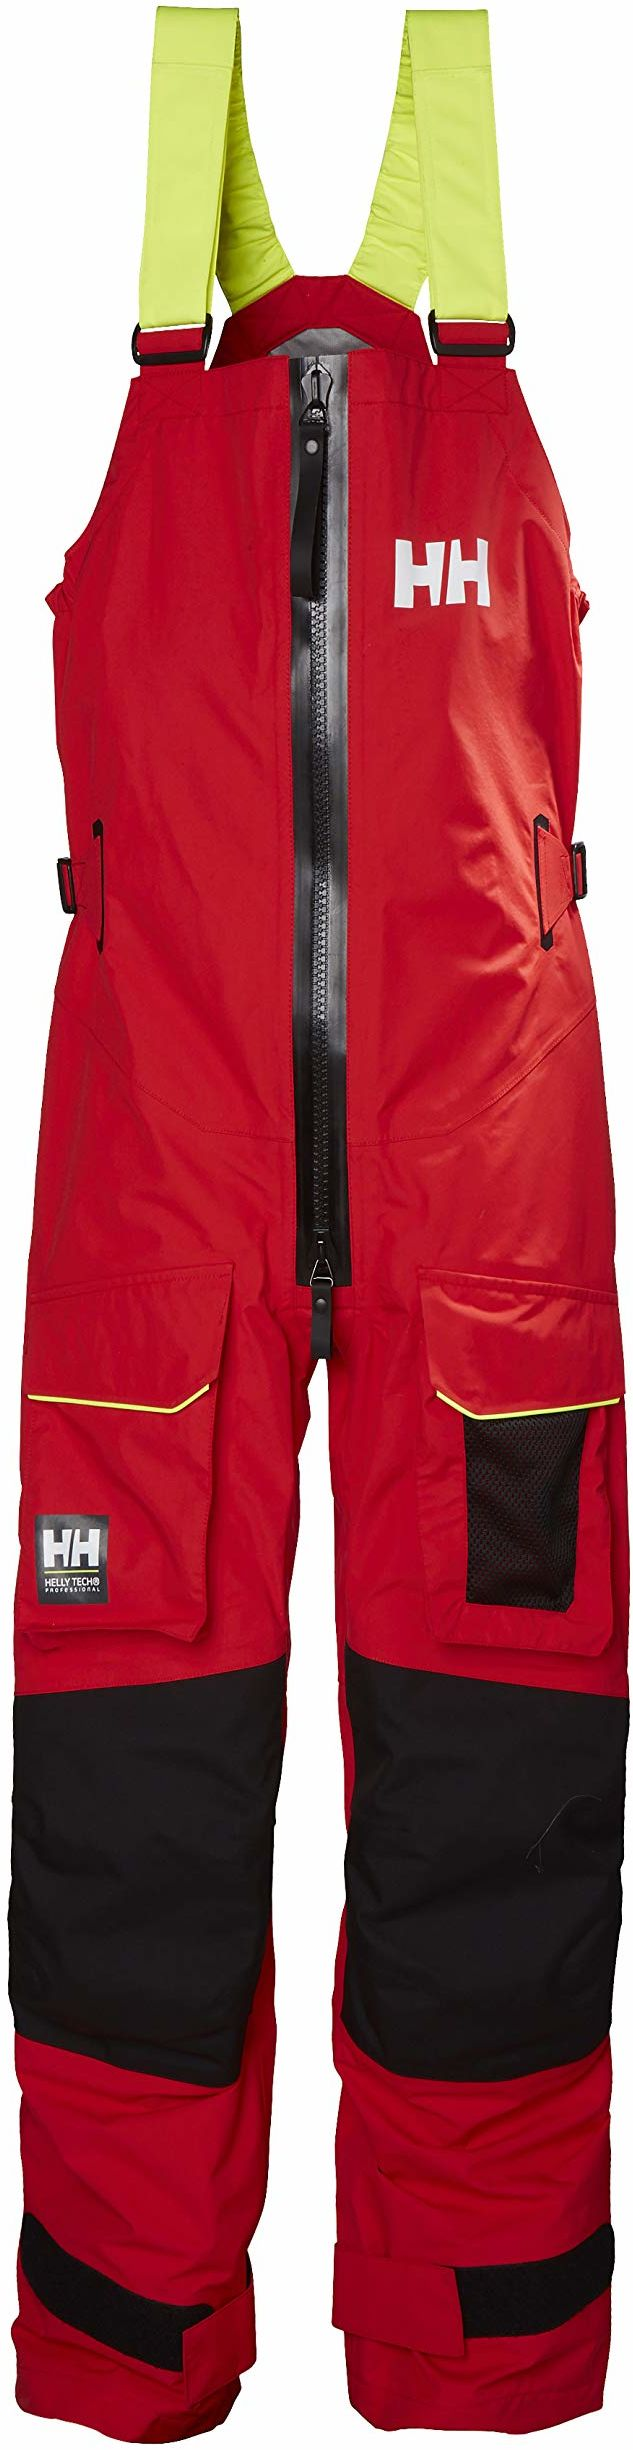 Helly Hansen męskie Aegir Ocean Regenhose spodnie przeciwdeszczowe, czerwone, M